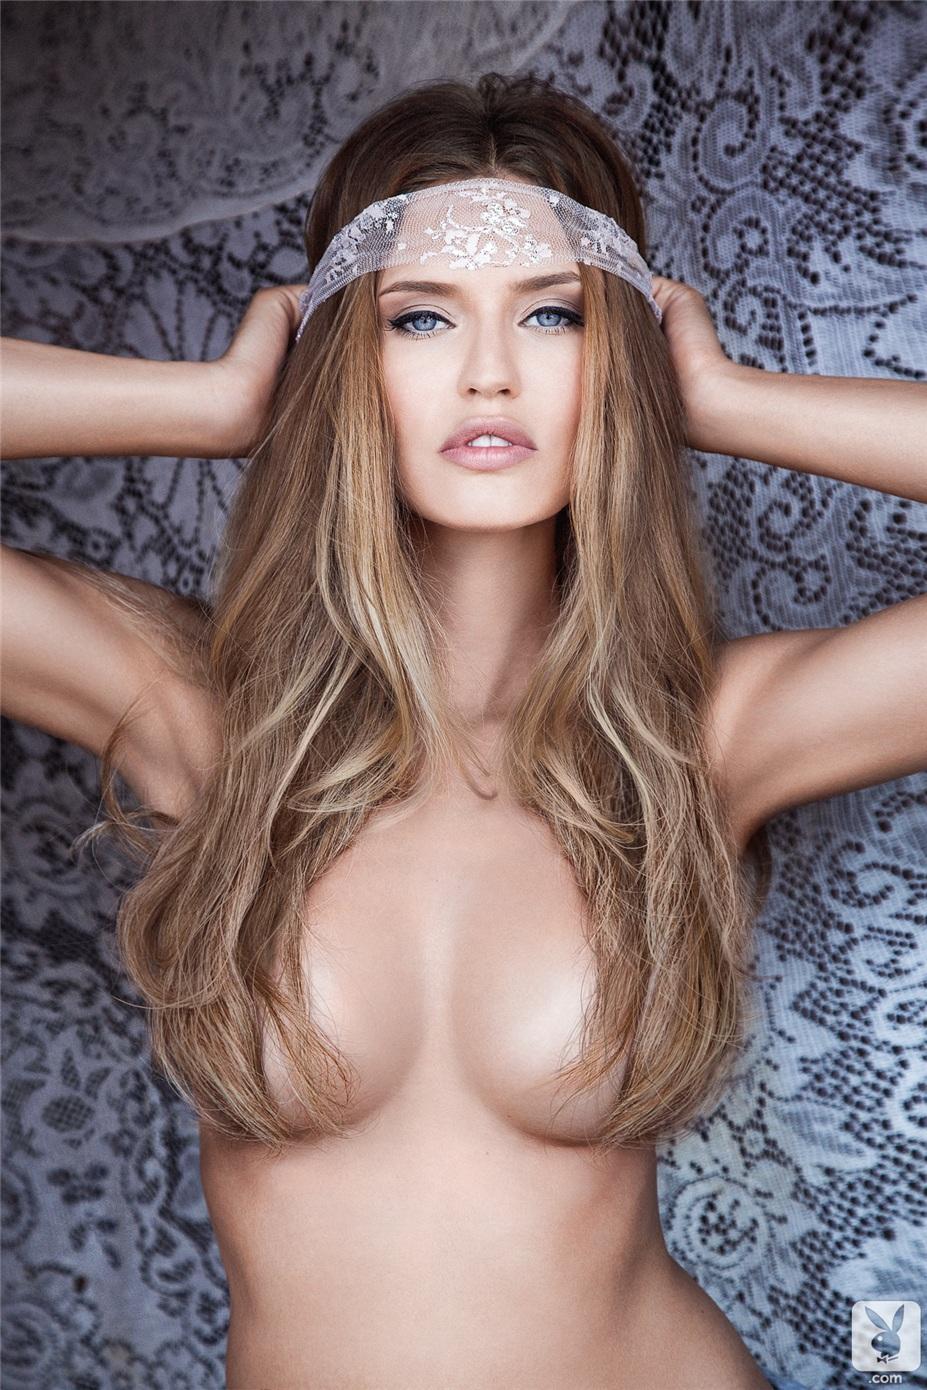 Фотосет моделей журналов playboy смотреть бесплатно 1 фотография